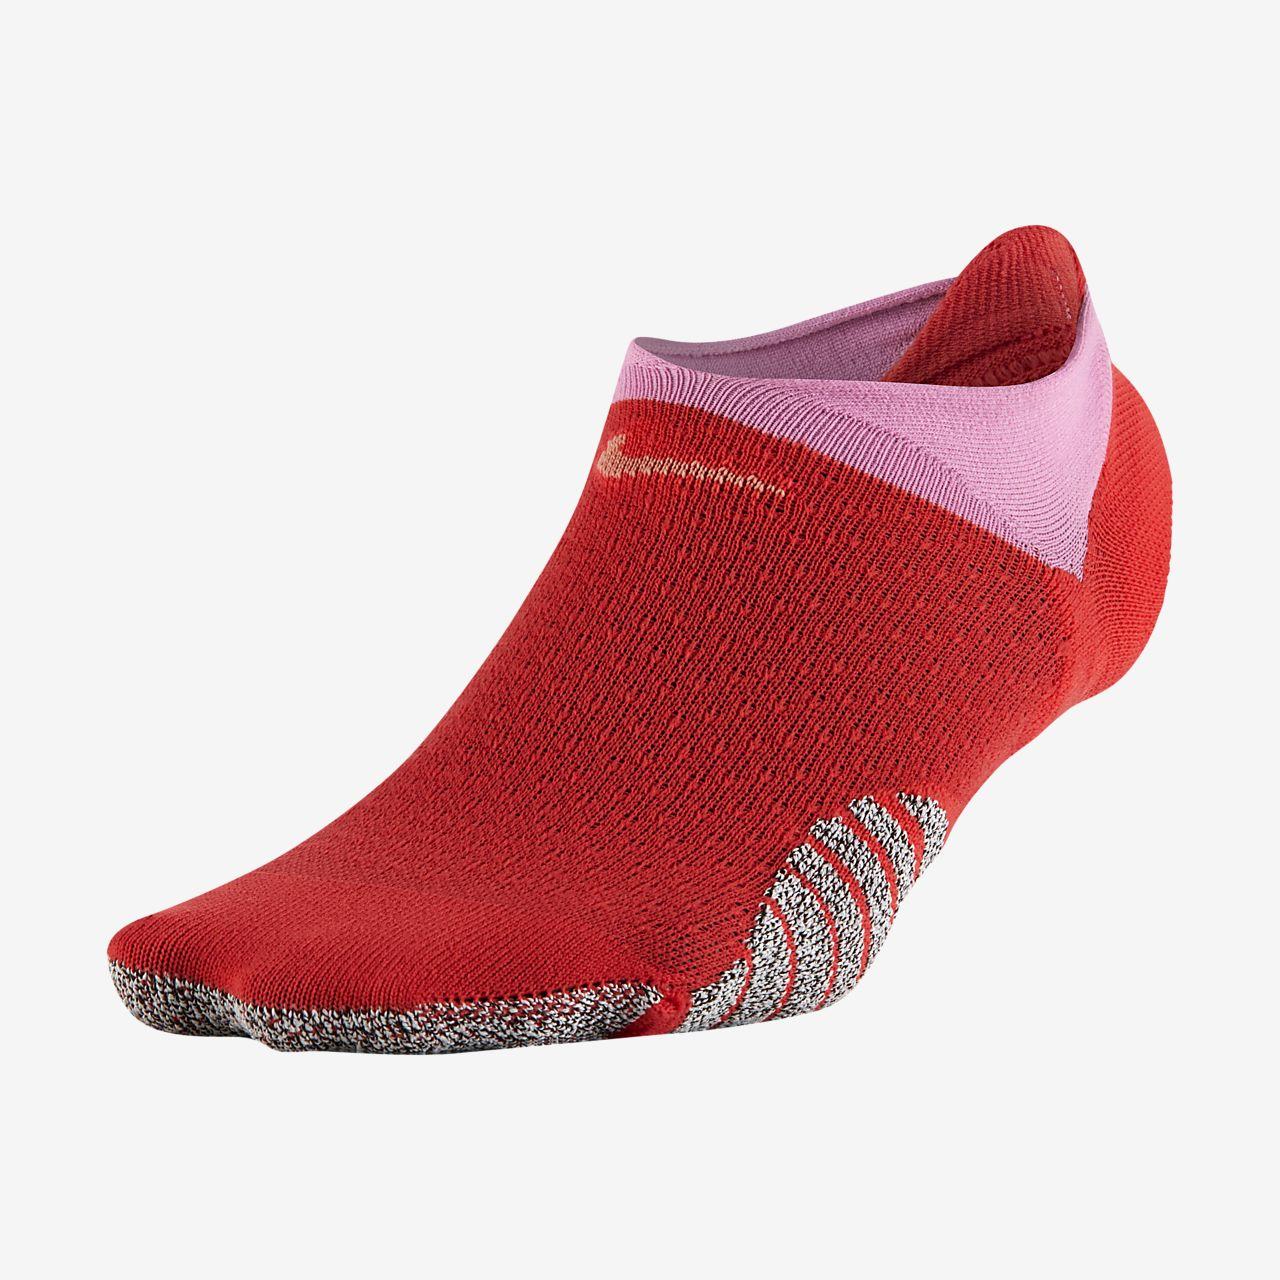 NikeGrip Studio Kadın Antrenman Footie Çorap